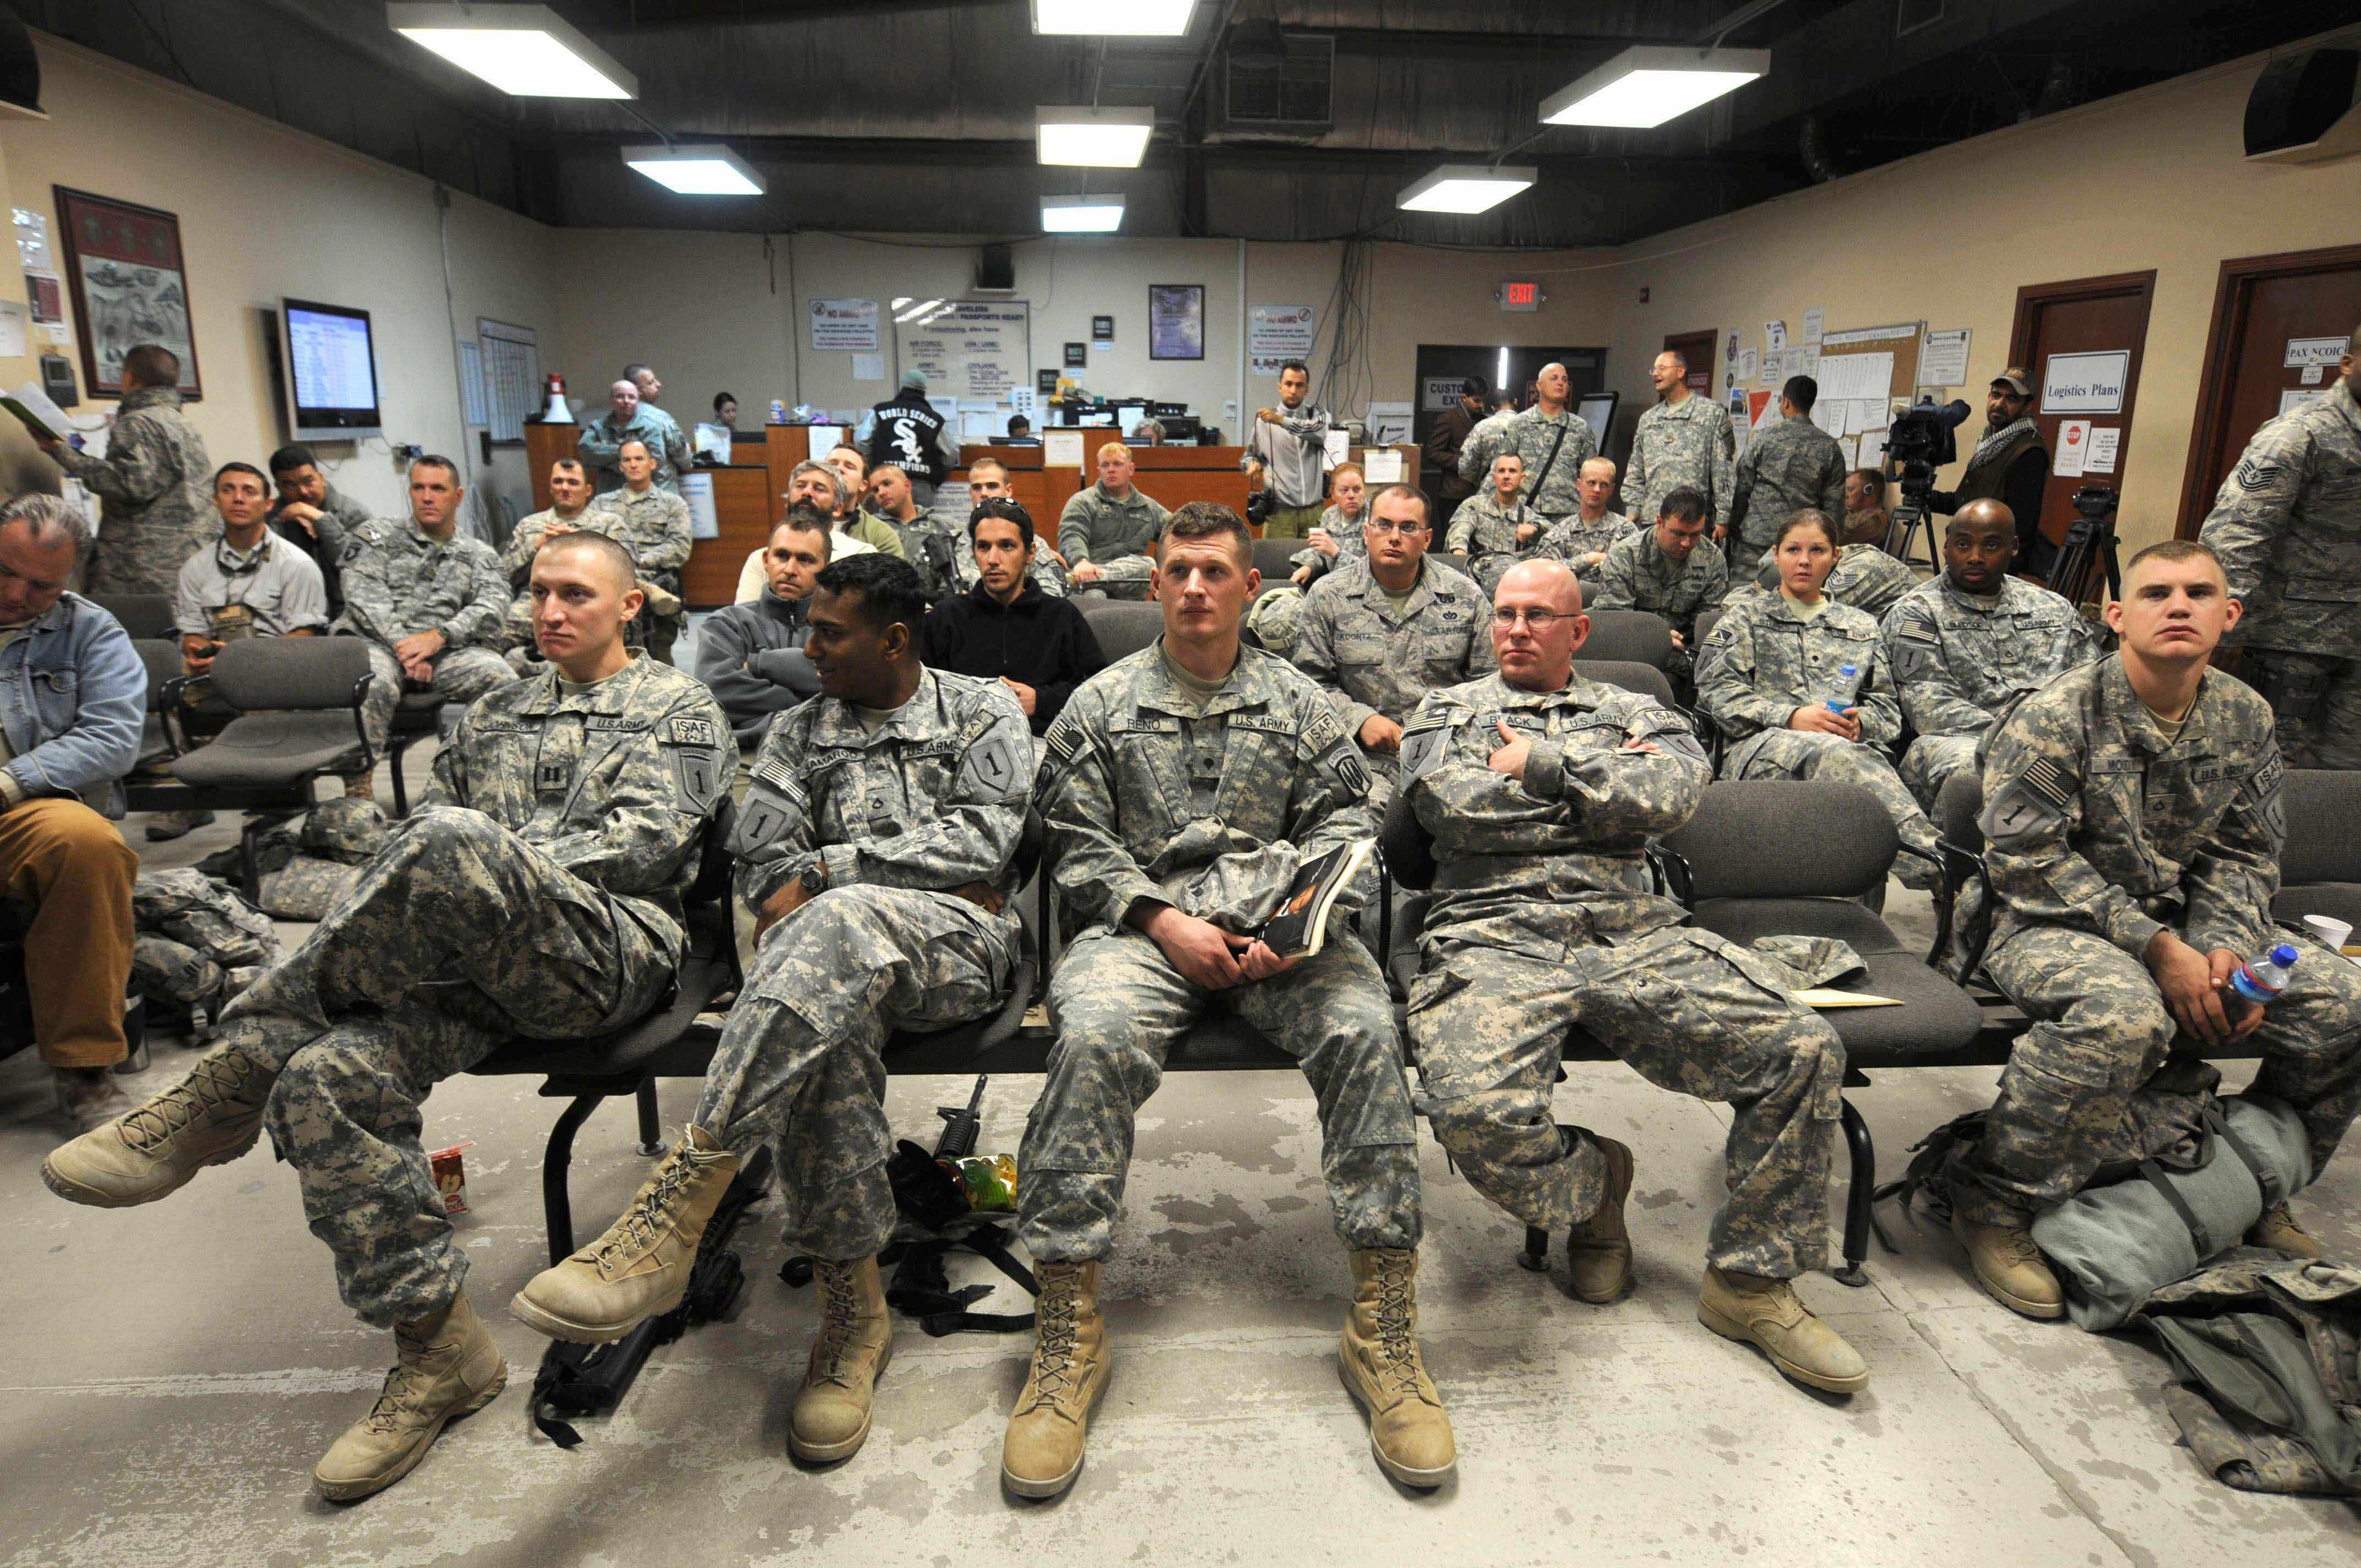 نتيجة بحث الصور عن متحولي الجنس في الجيش الأمريكي